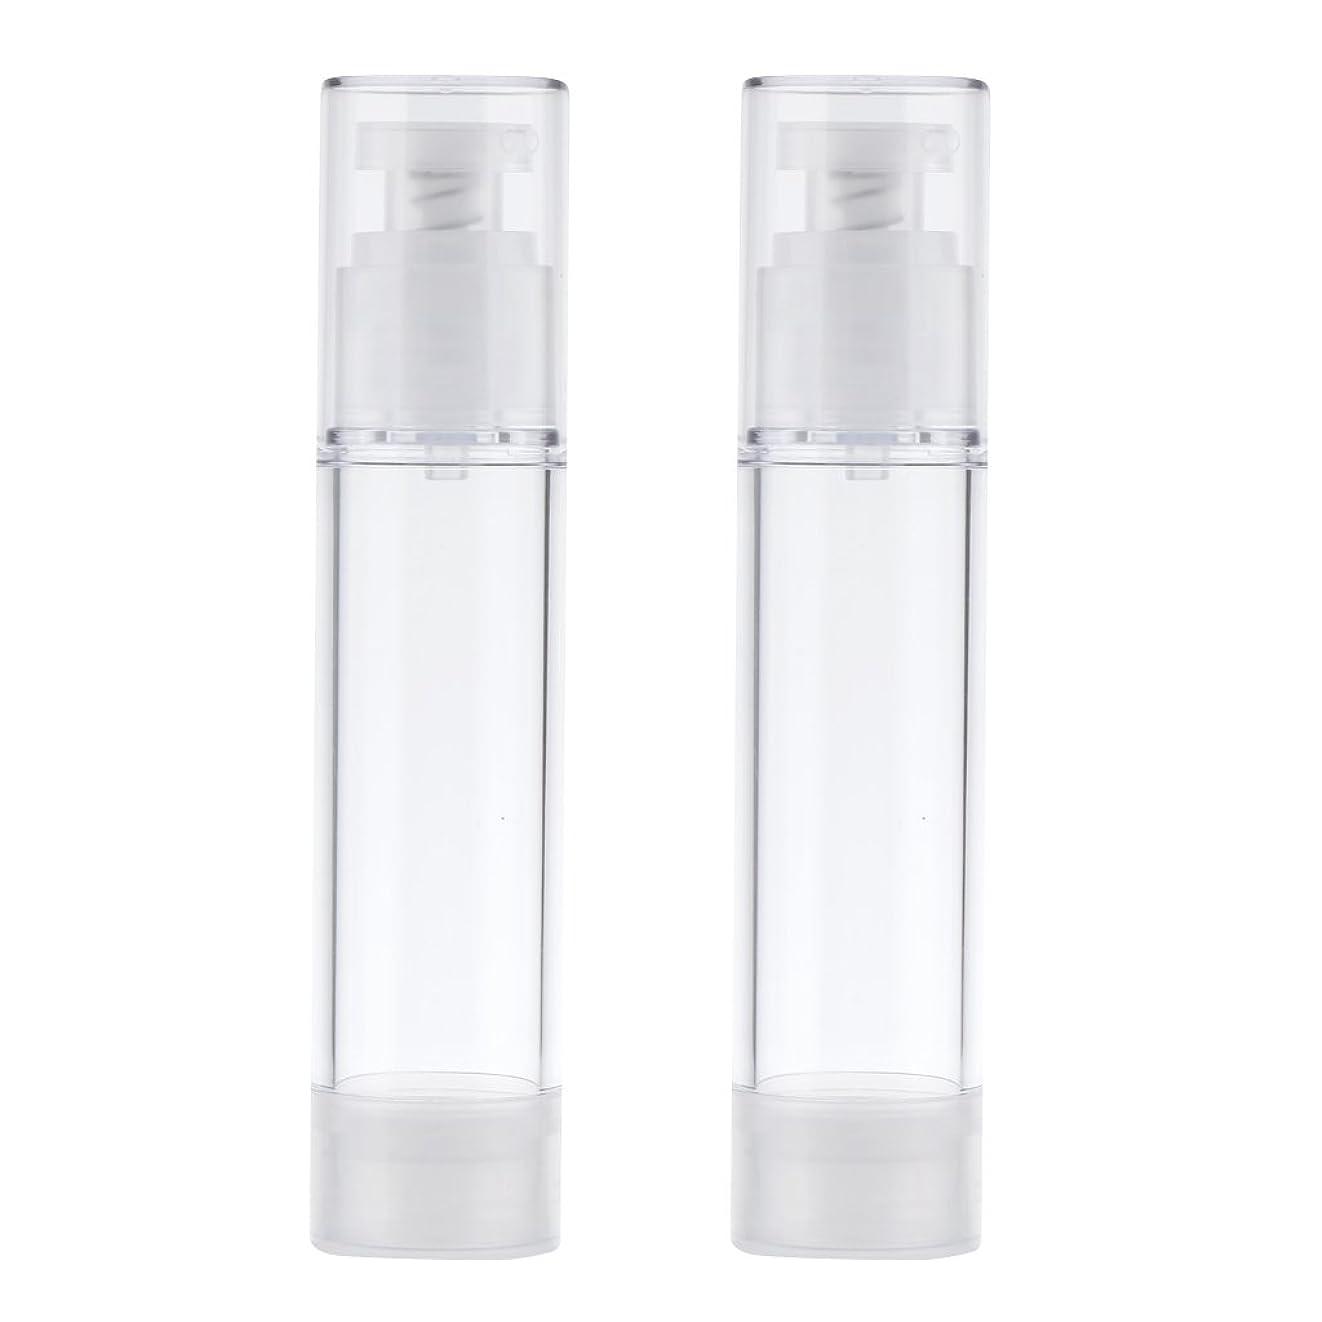 定義バリー武装解除Blesiya 2個 空ボトル ポンプボトル ローション コスメ ティック クリームボトル エアレスポンプディスペンサー 3サイズ選べる - 50ml